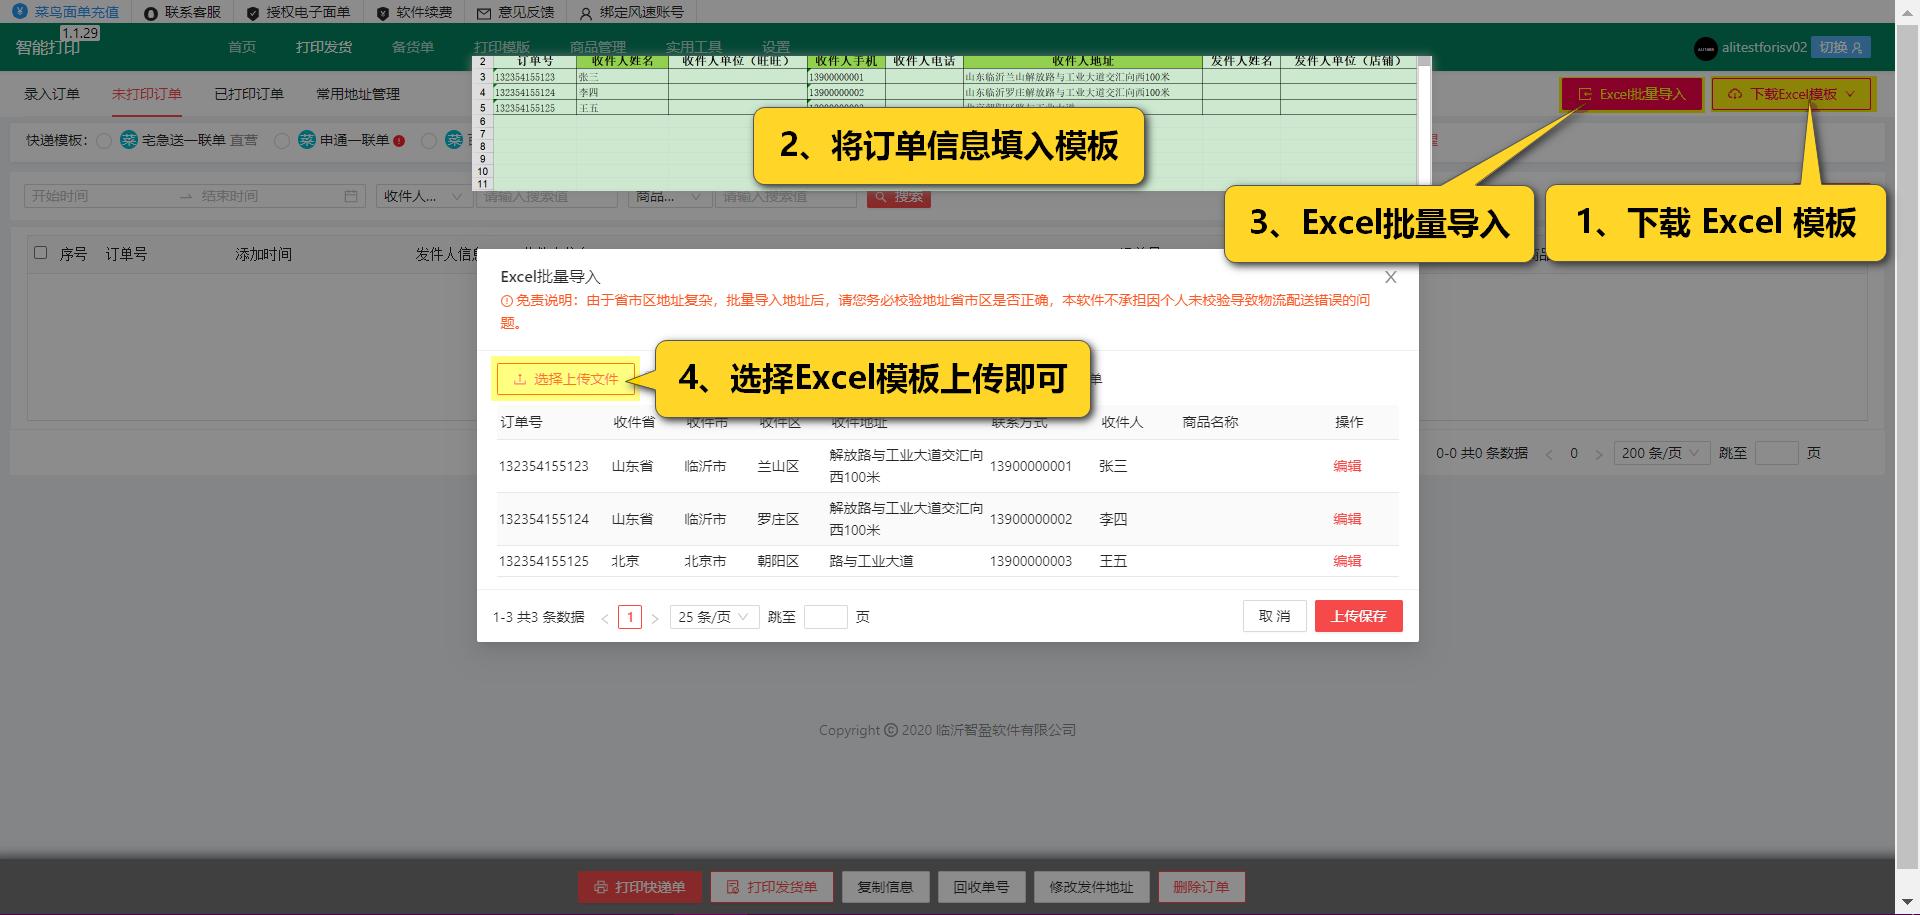 Excel怎样批量导入线下订单